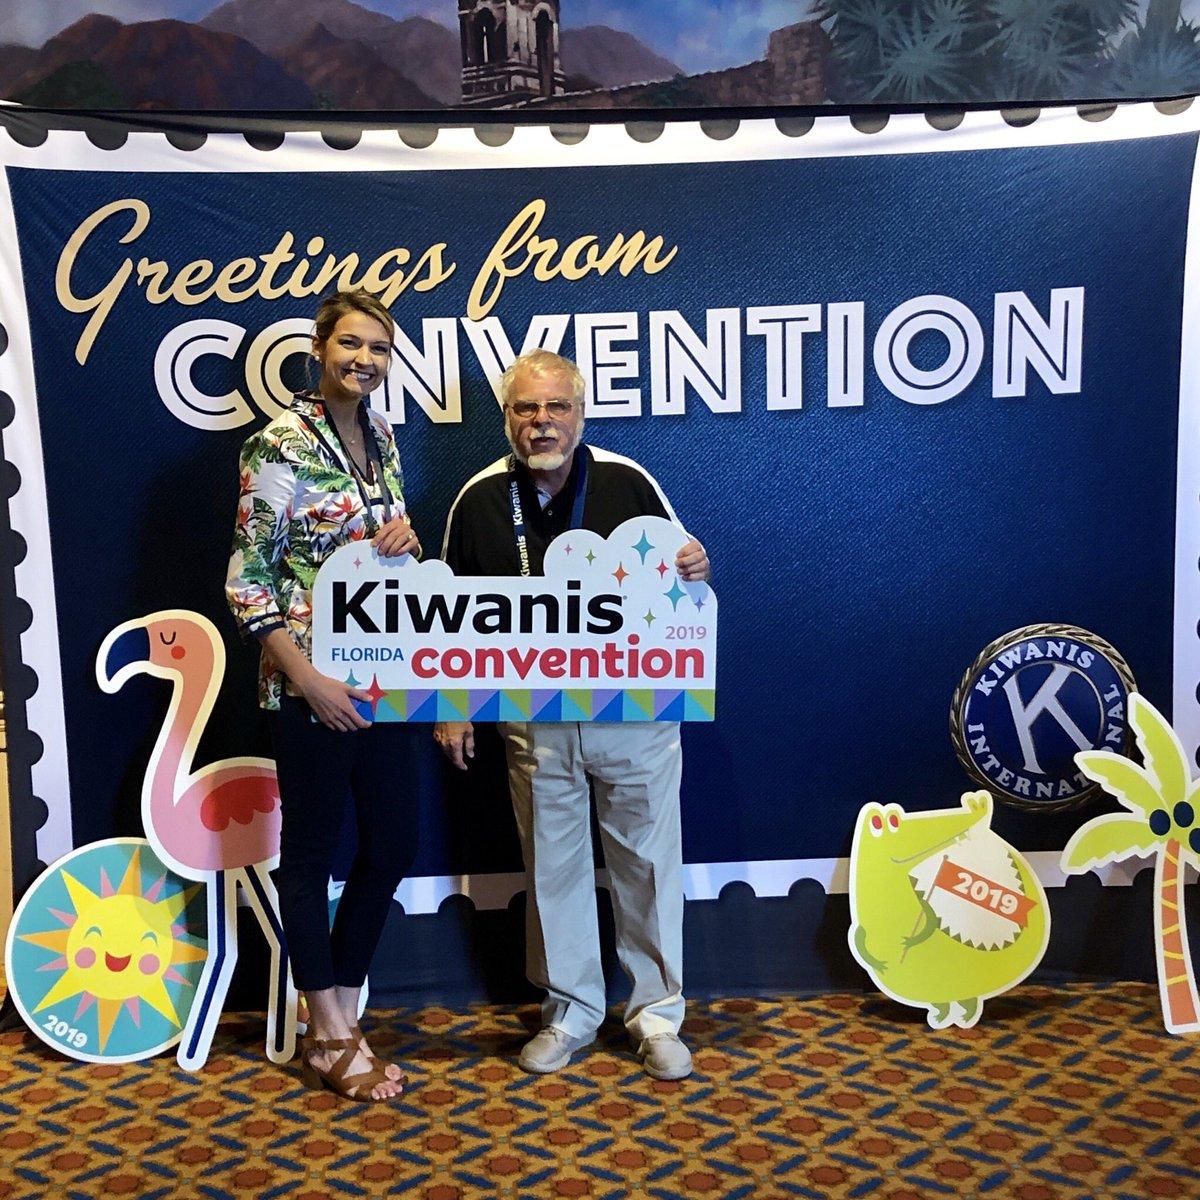 kiwaniscon19 hashtag on Twitter